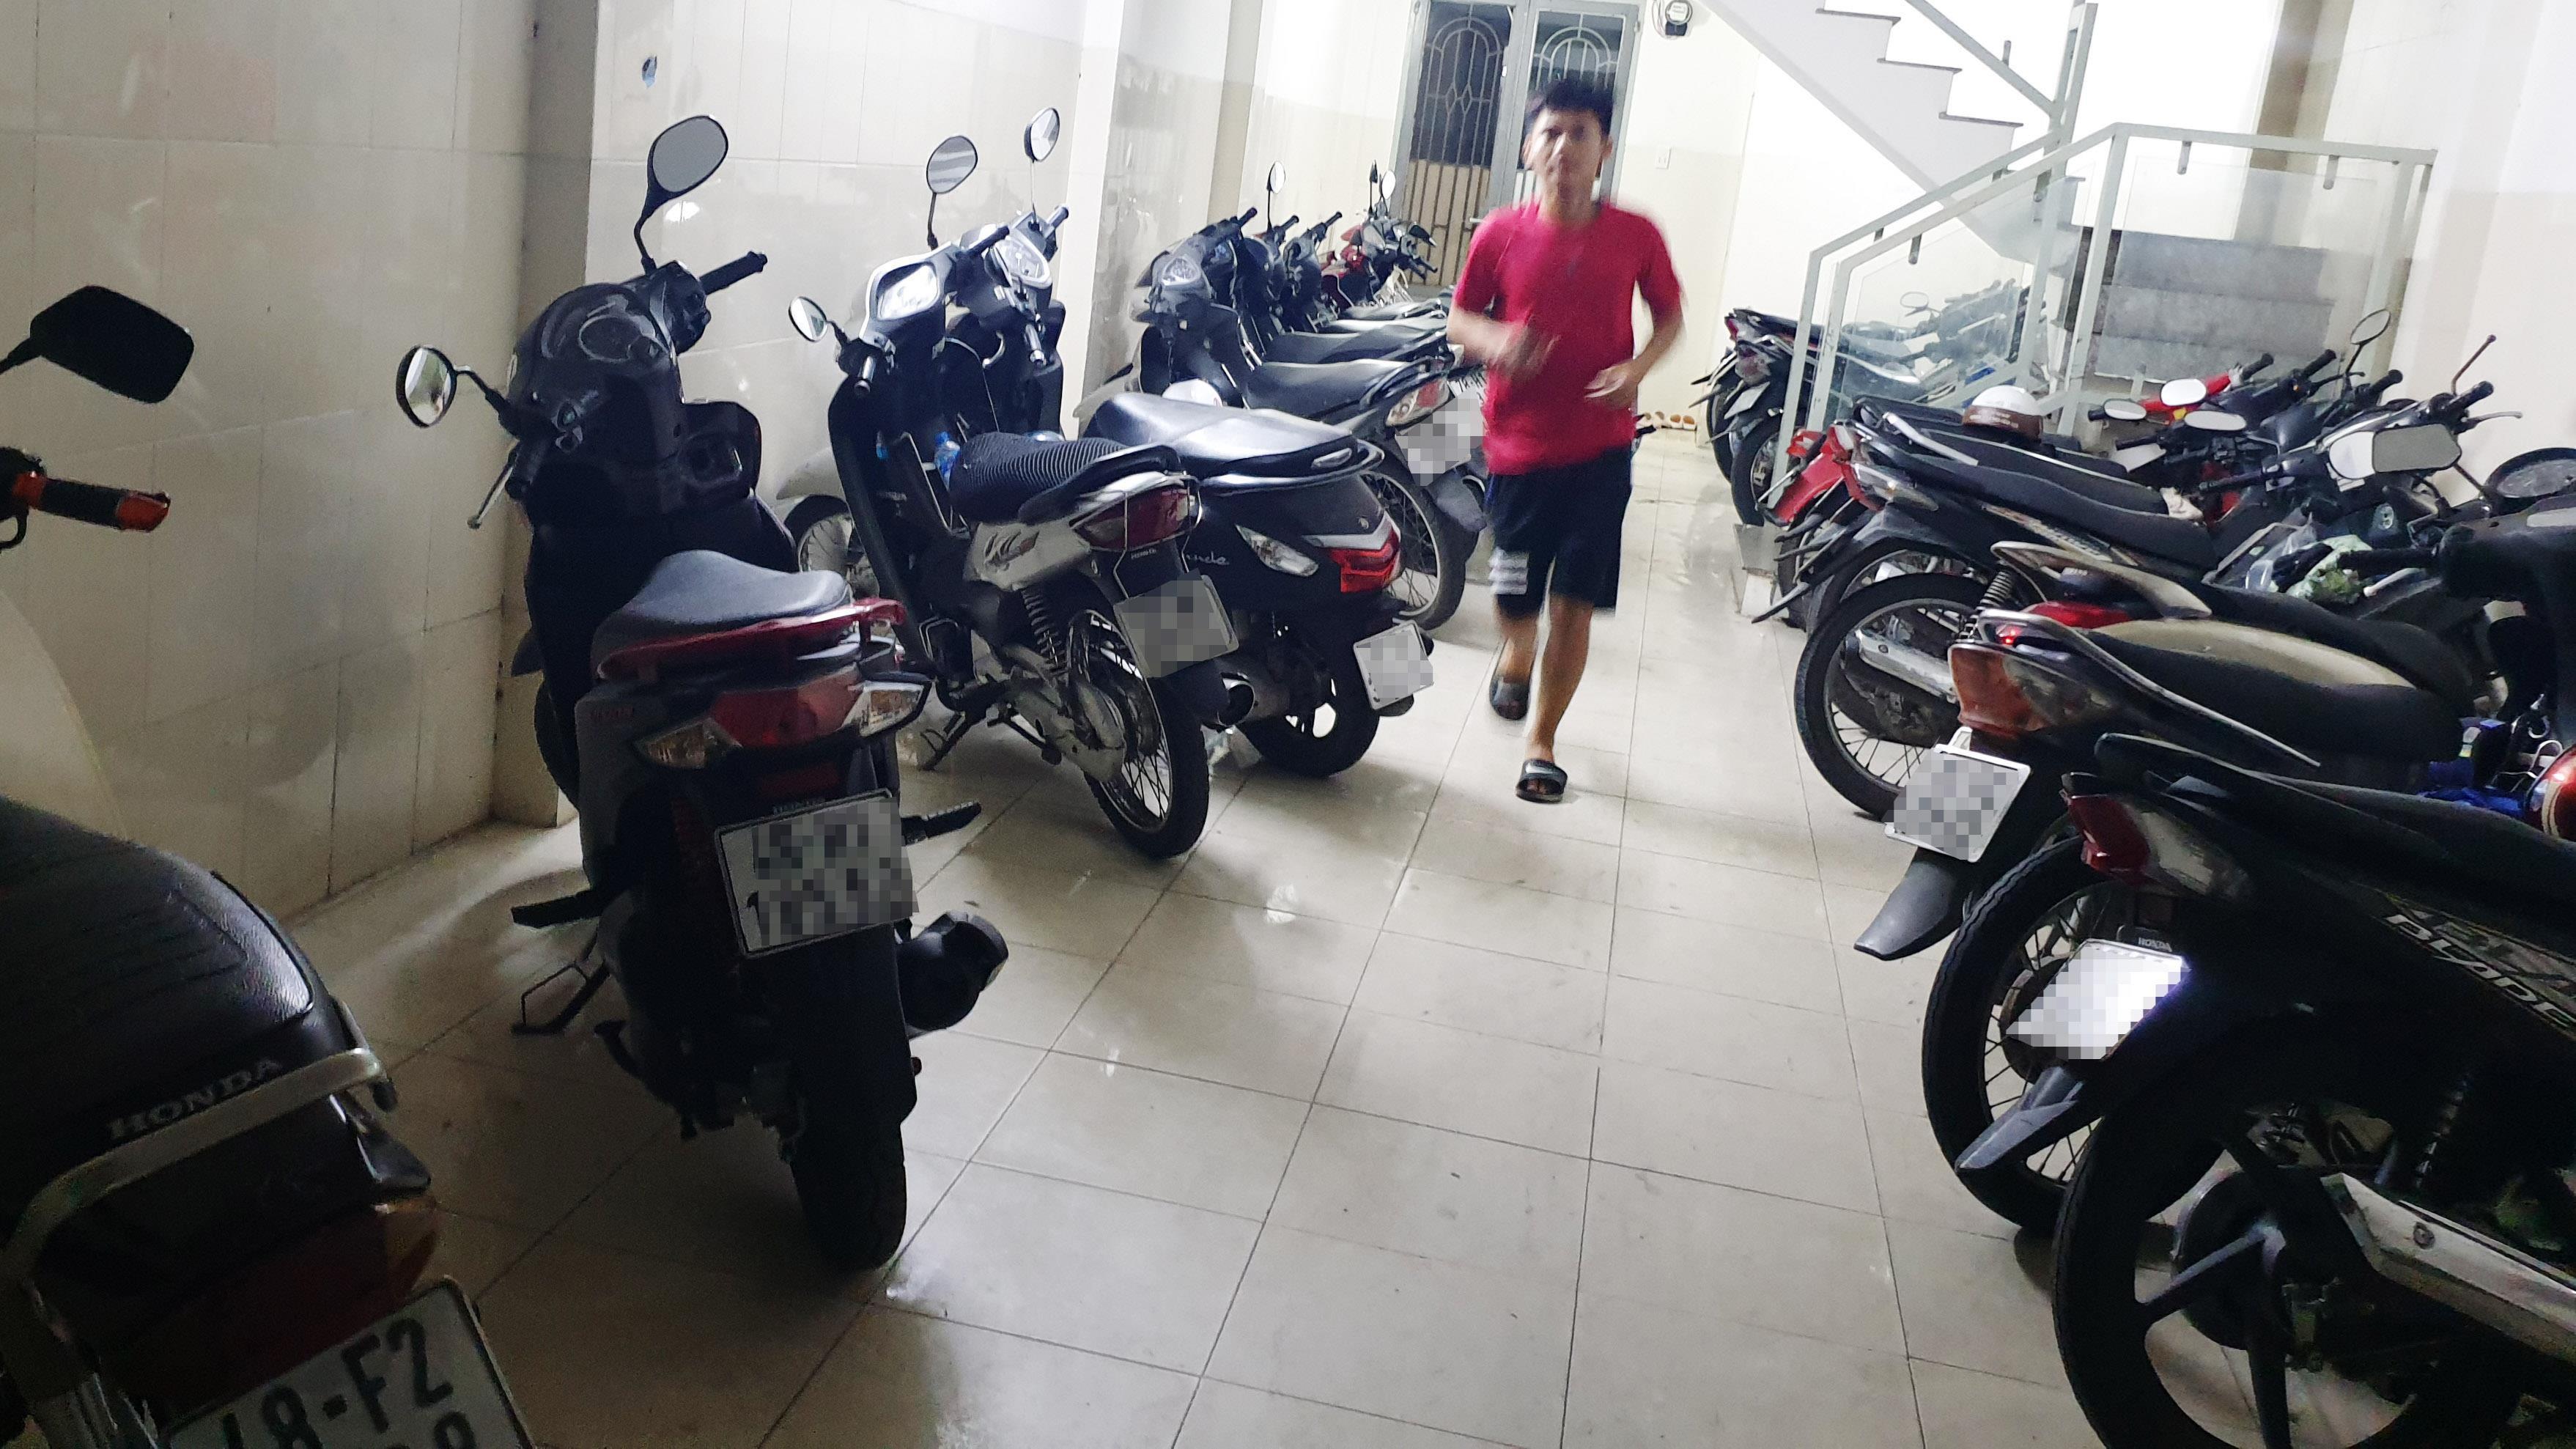 Trộm đột nhập nhà trọ ở Sài Gòn lấy 9 xe máy trong đêm Ảnh 1